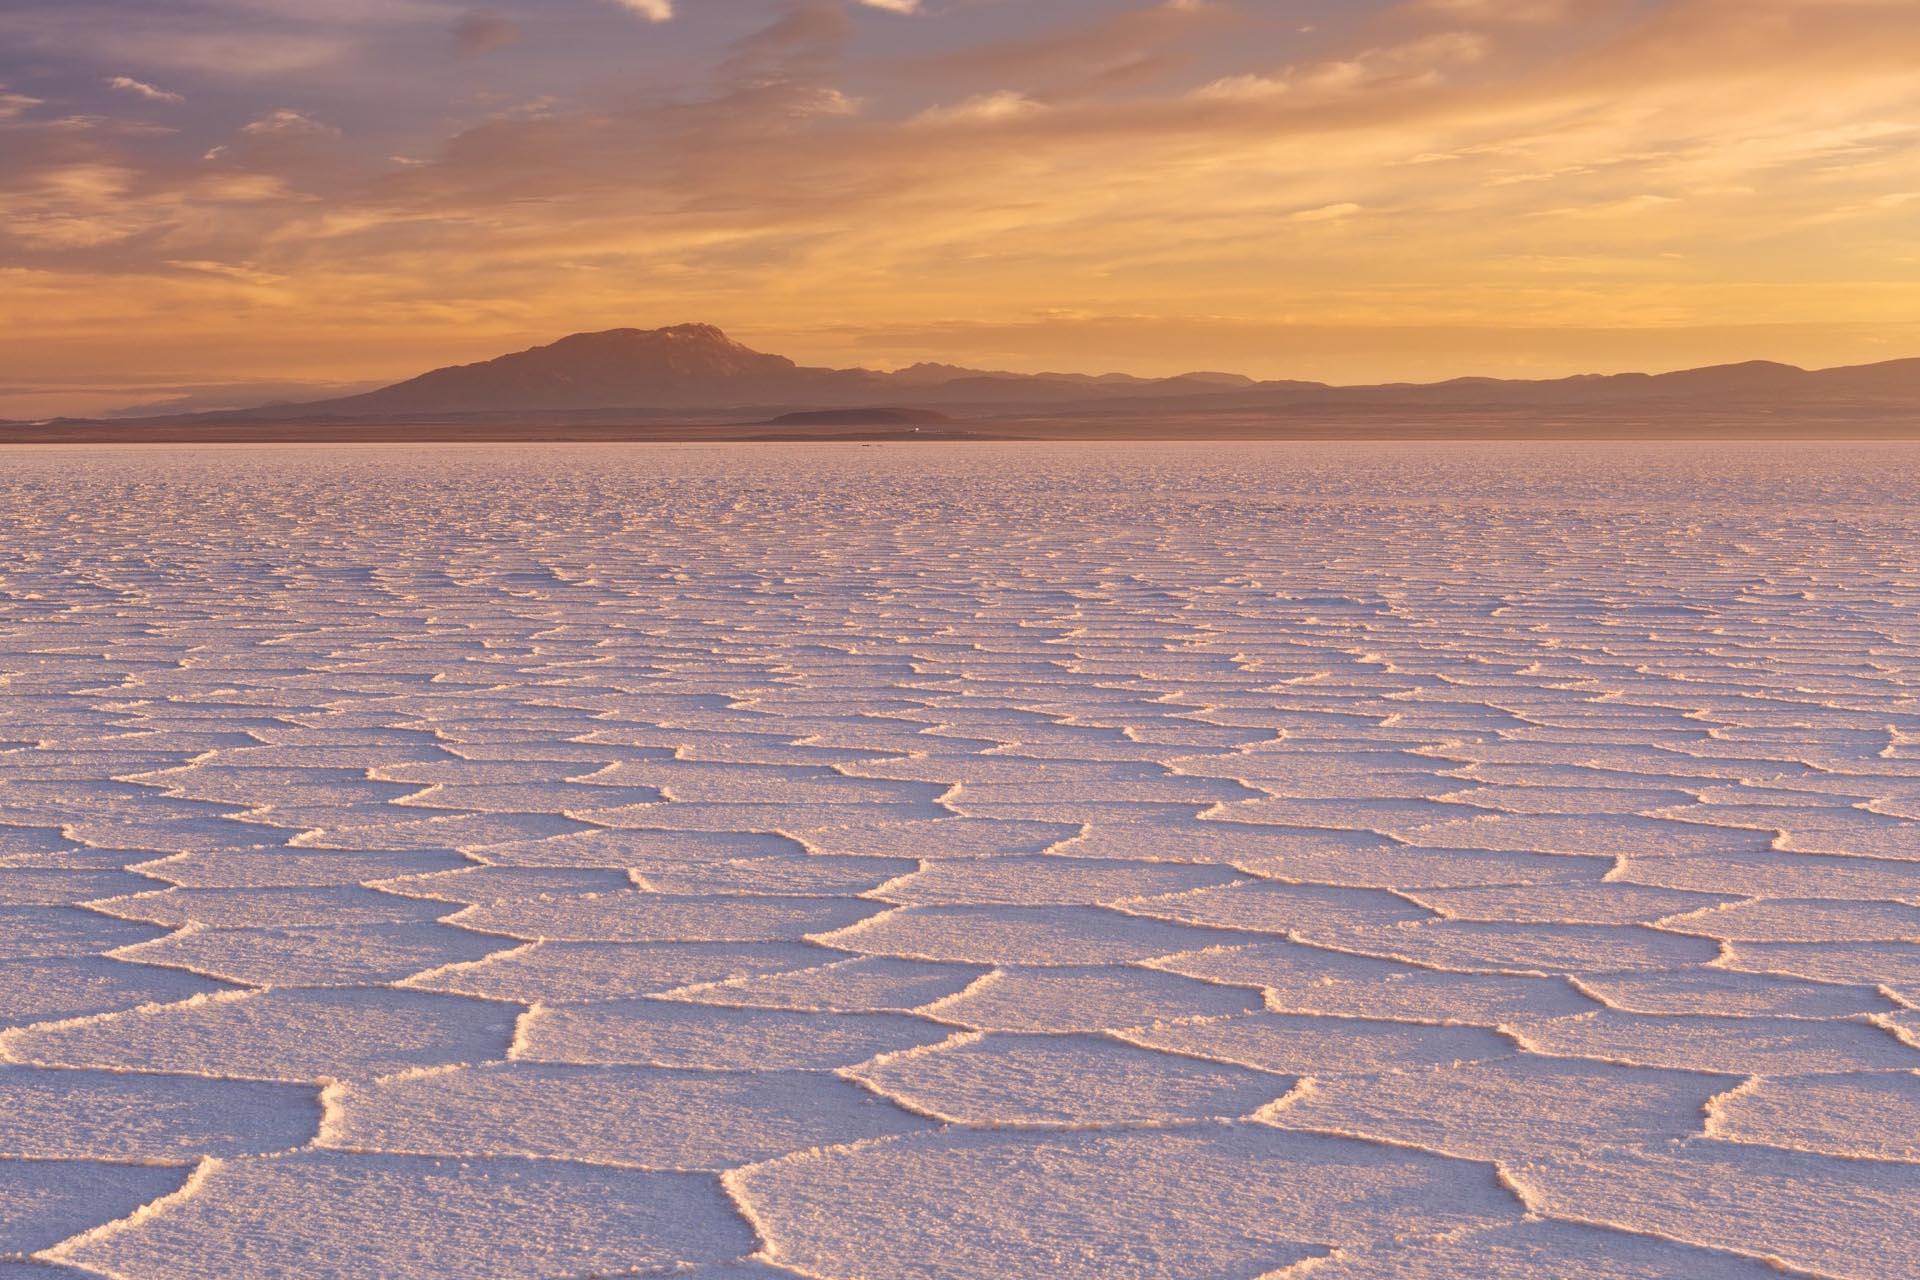 朝のウユニ塩原 ボリビアの風景